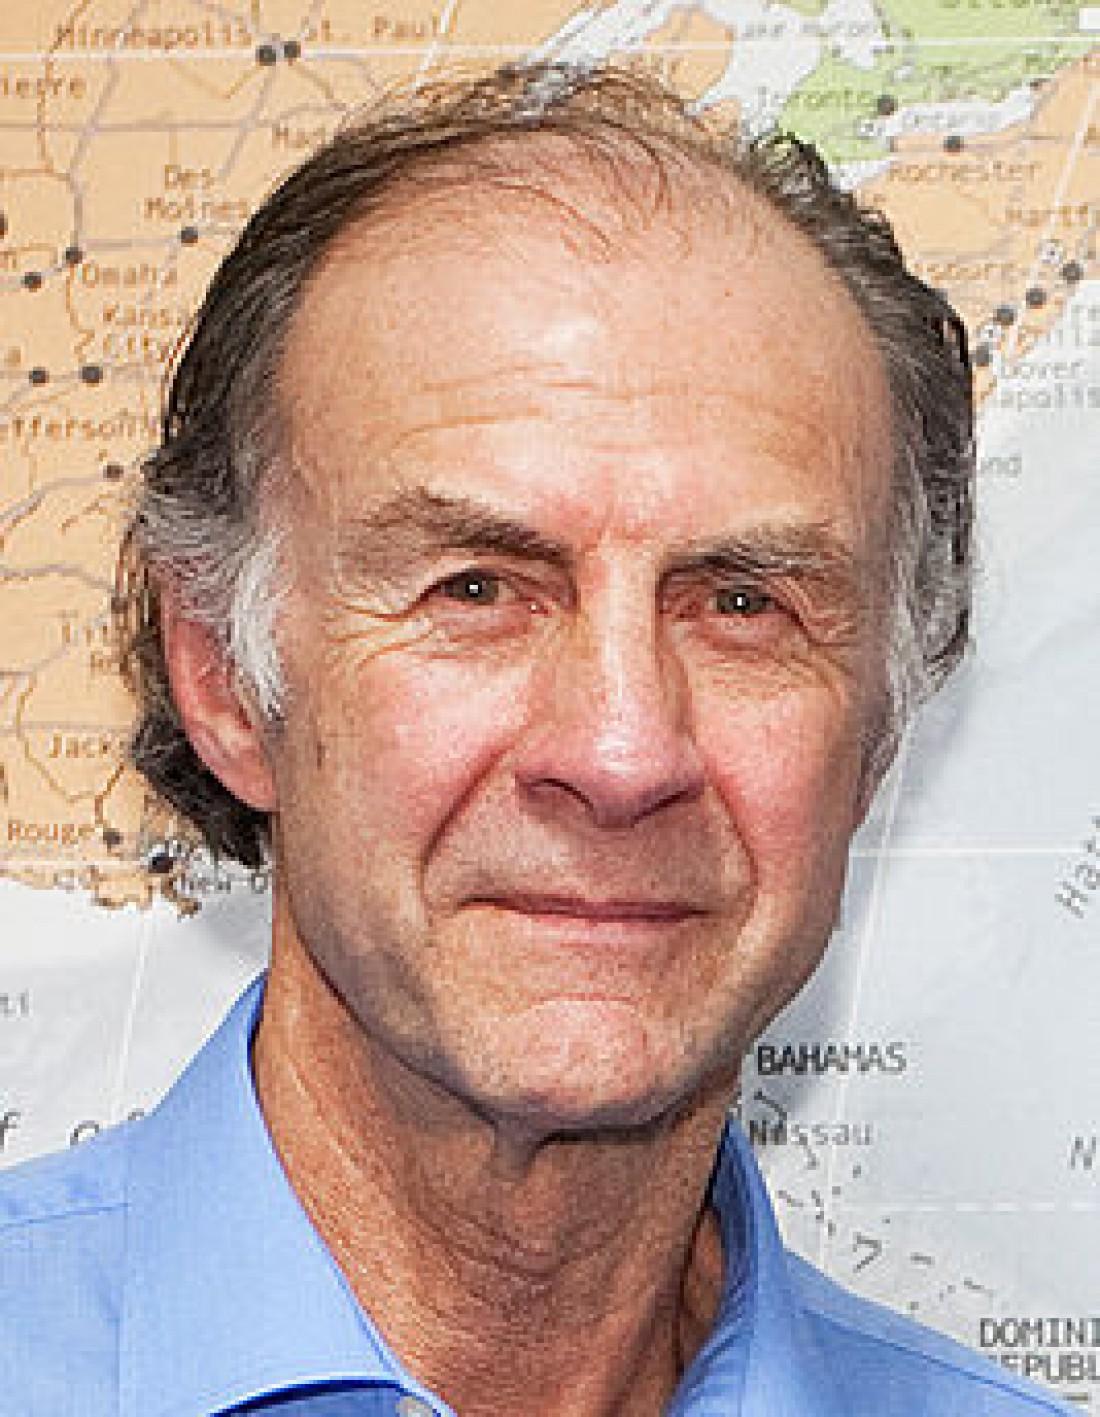 Ранульф Файнс — британский путешественник, обладатель ряда рекордов на выносливость, названный в 1984 году Книгой рекордов Гиннеса